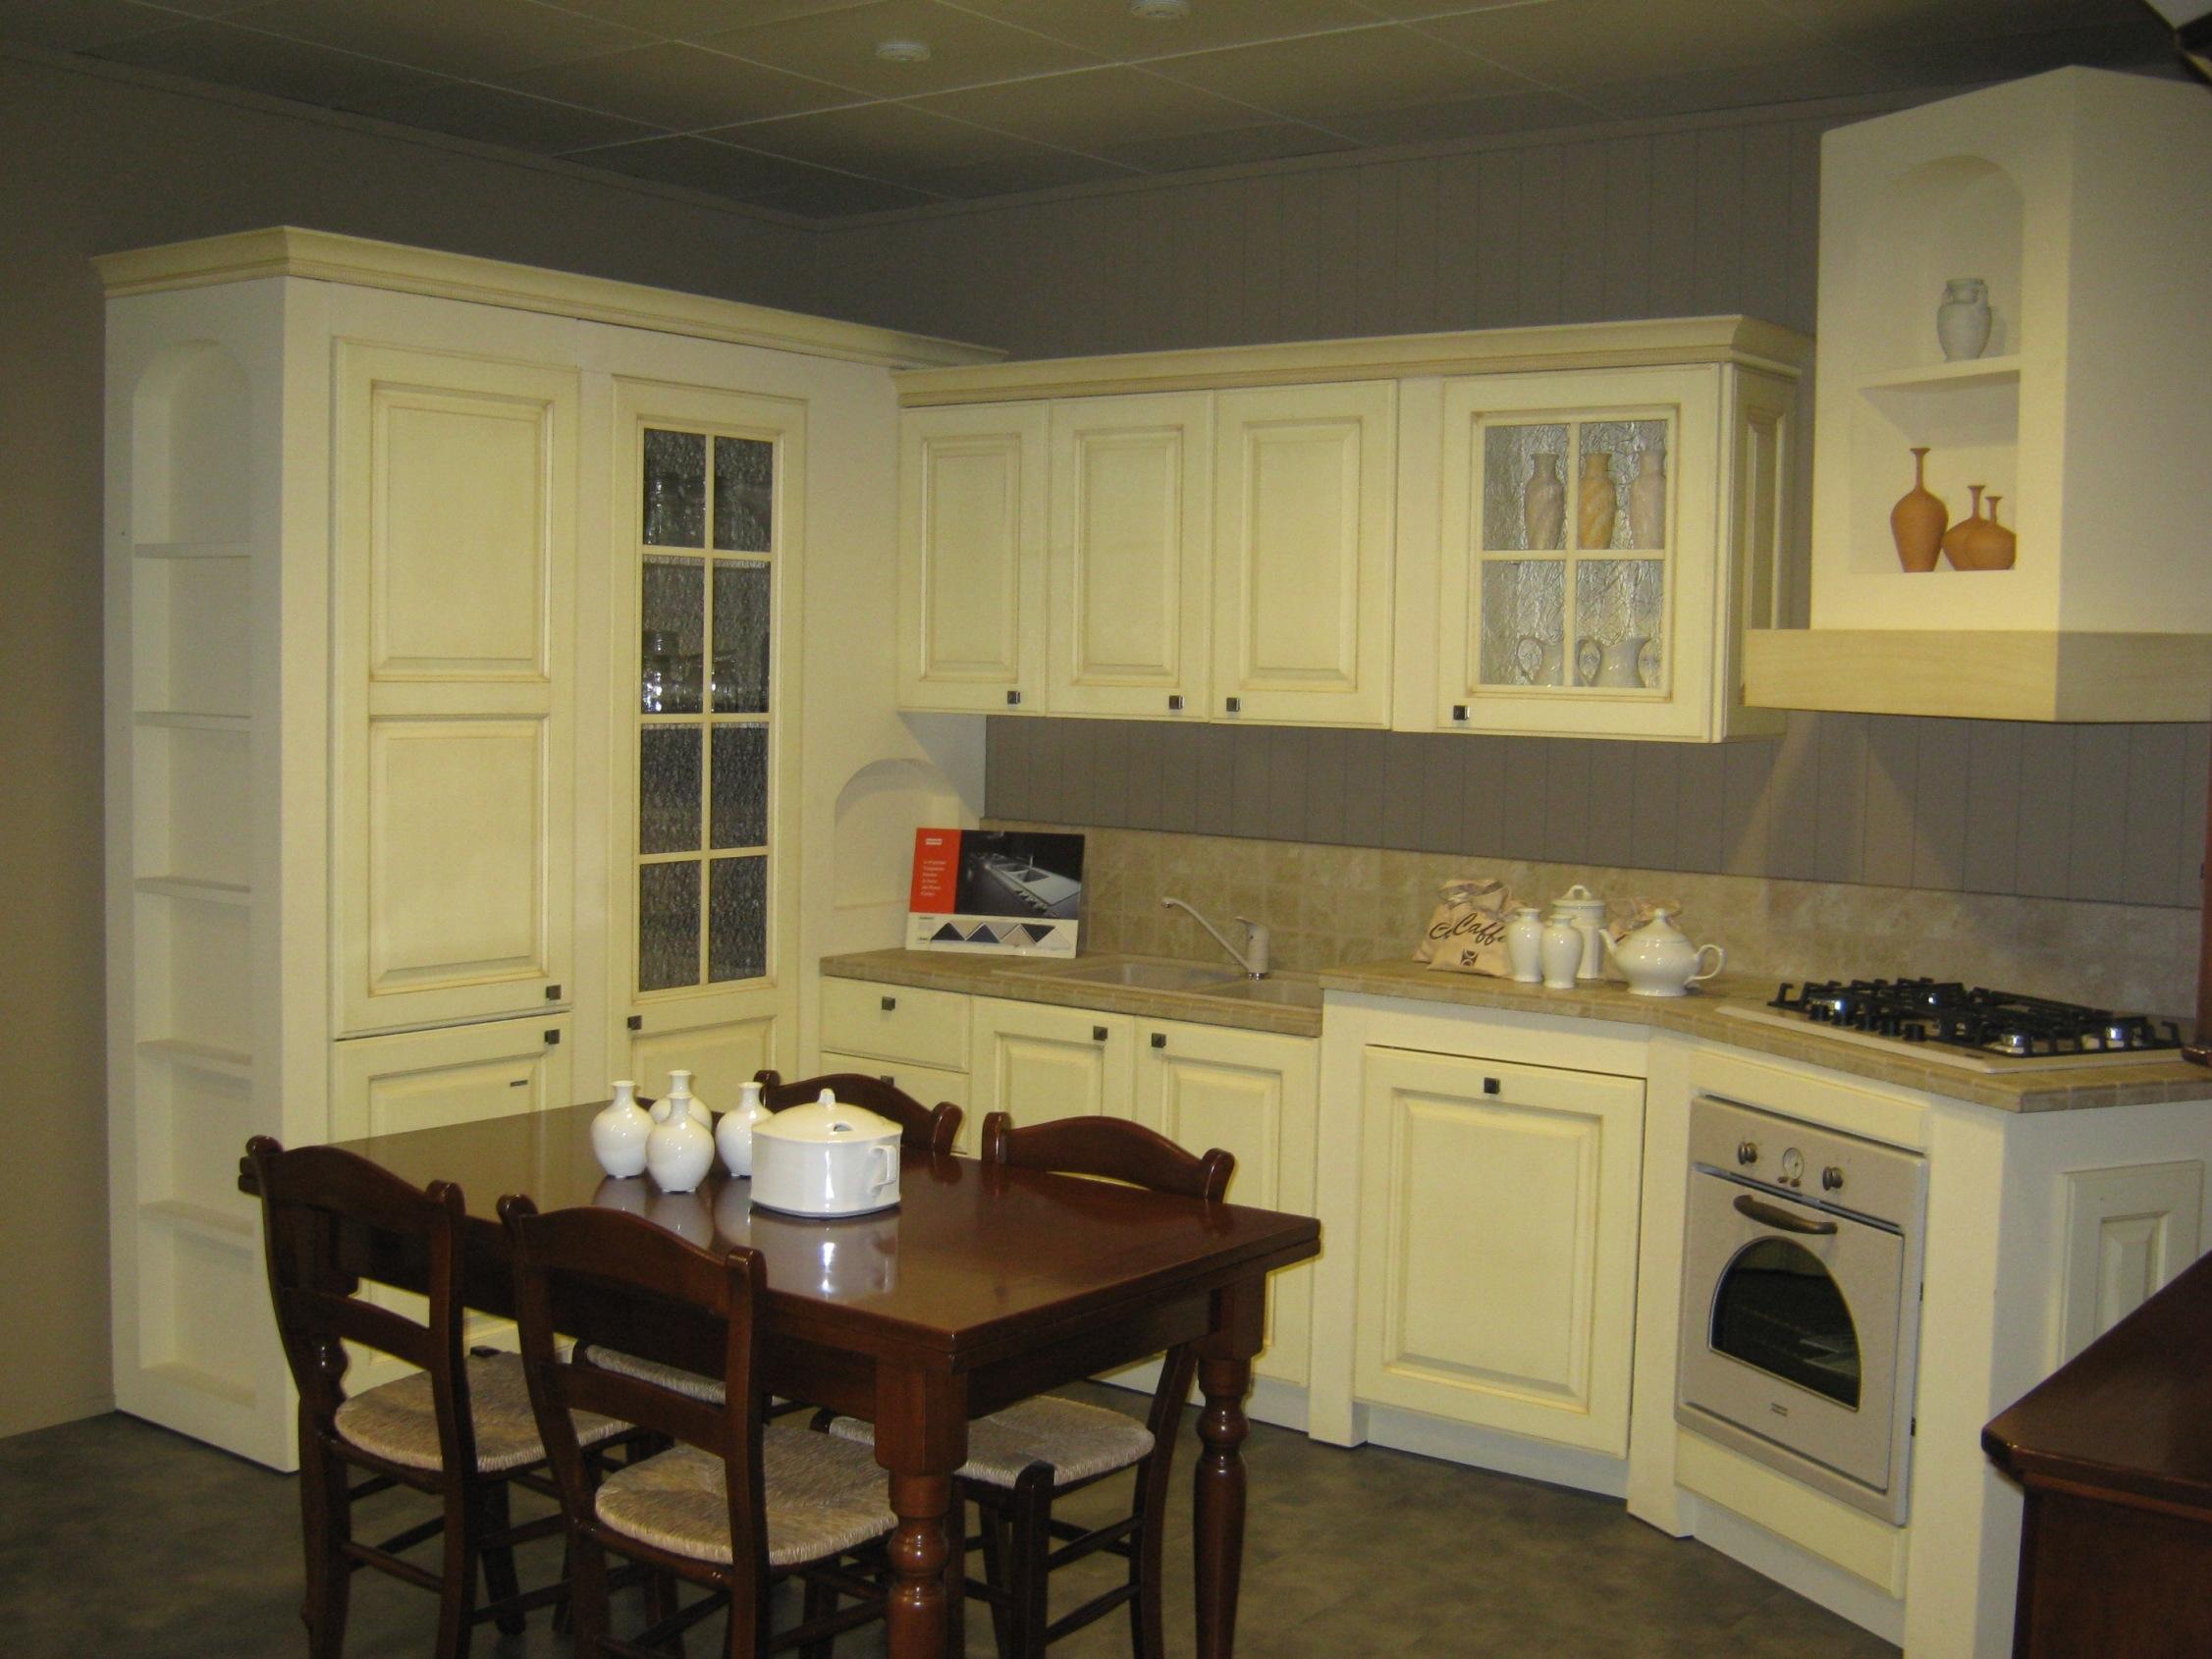 Cucina athena di berloni cucine cucine a prezzi scontati - Berloni cucine prezzi ...